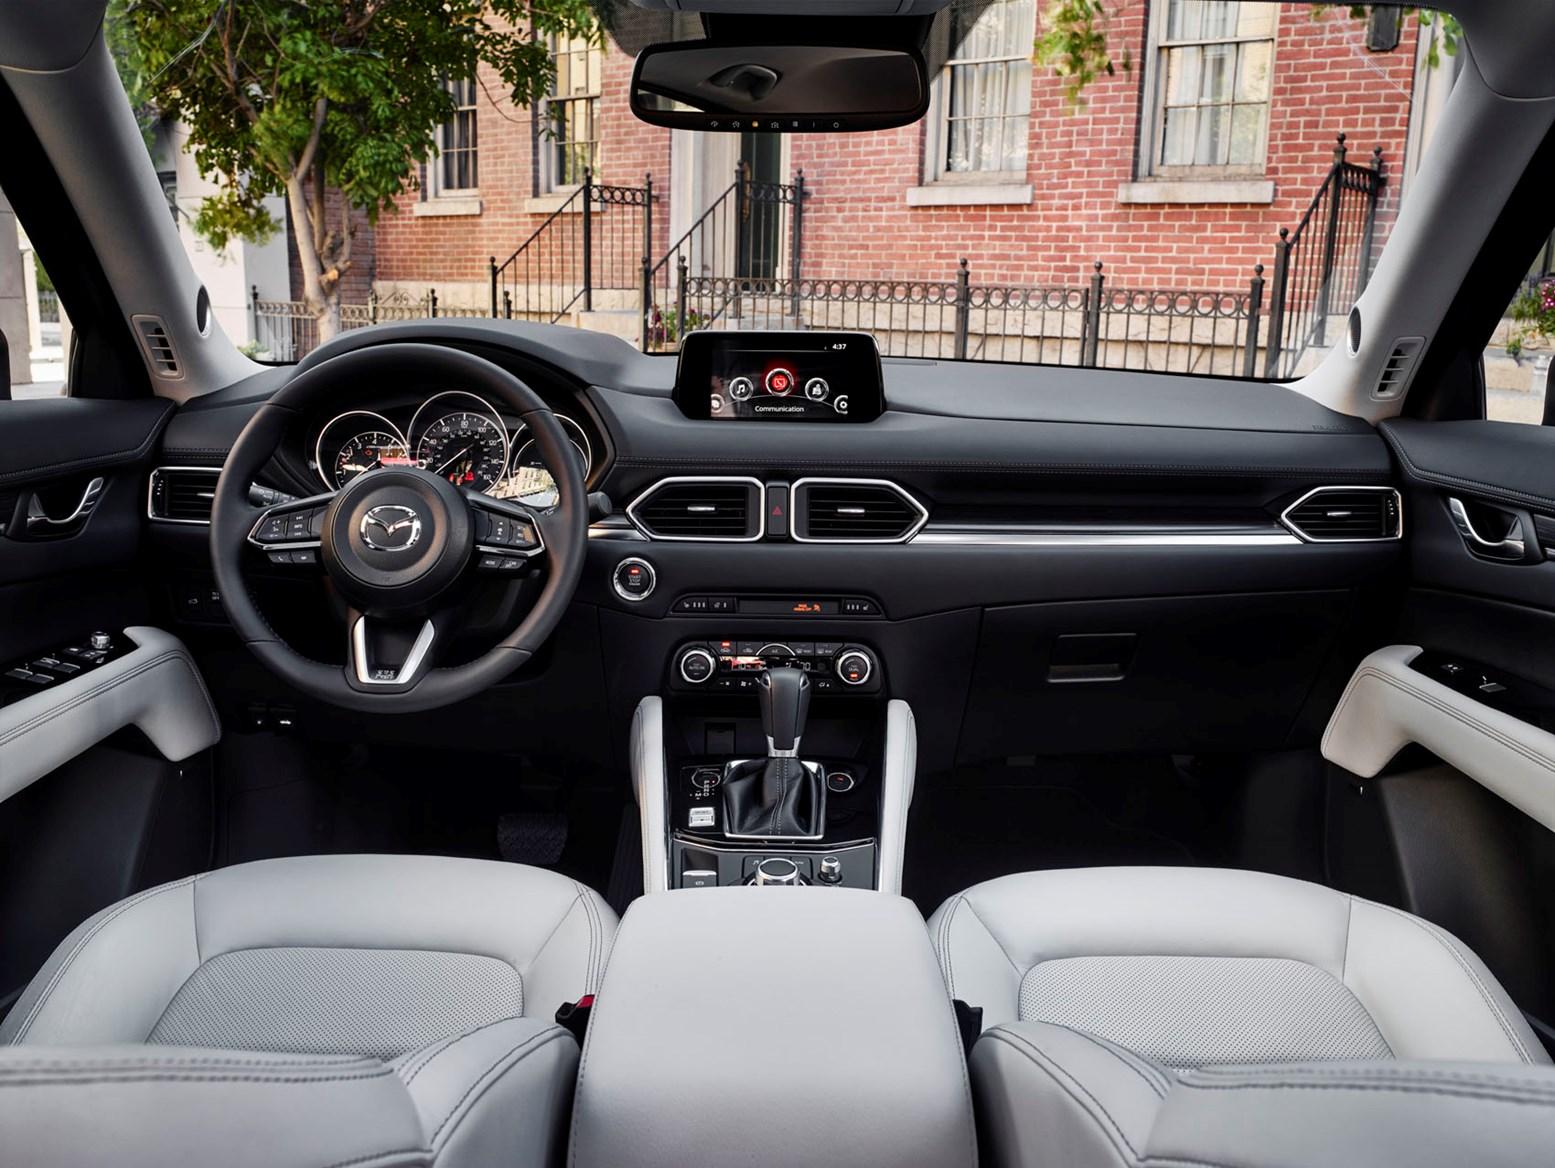 Mazda 2017 Cx 5 Suv Interior Detail